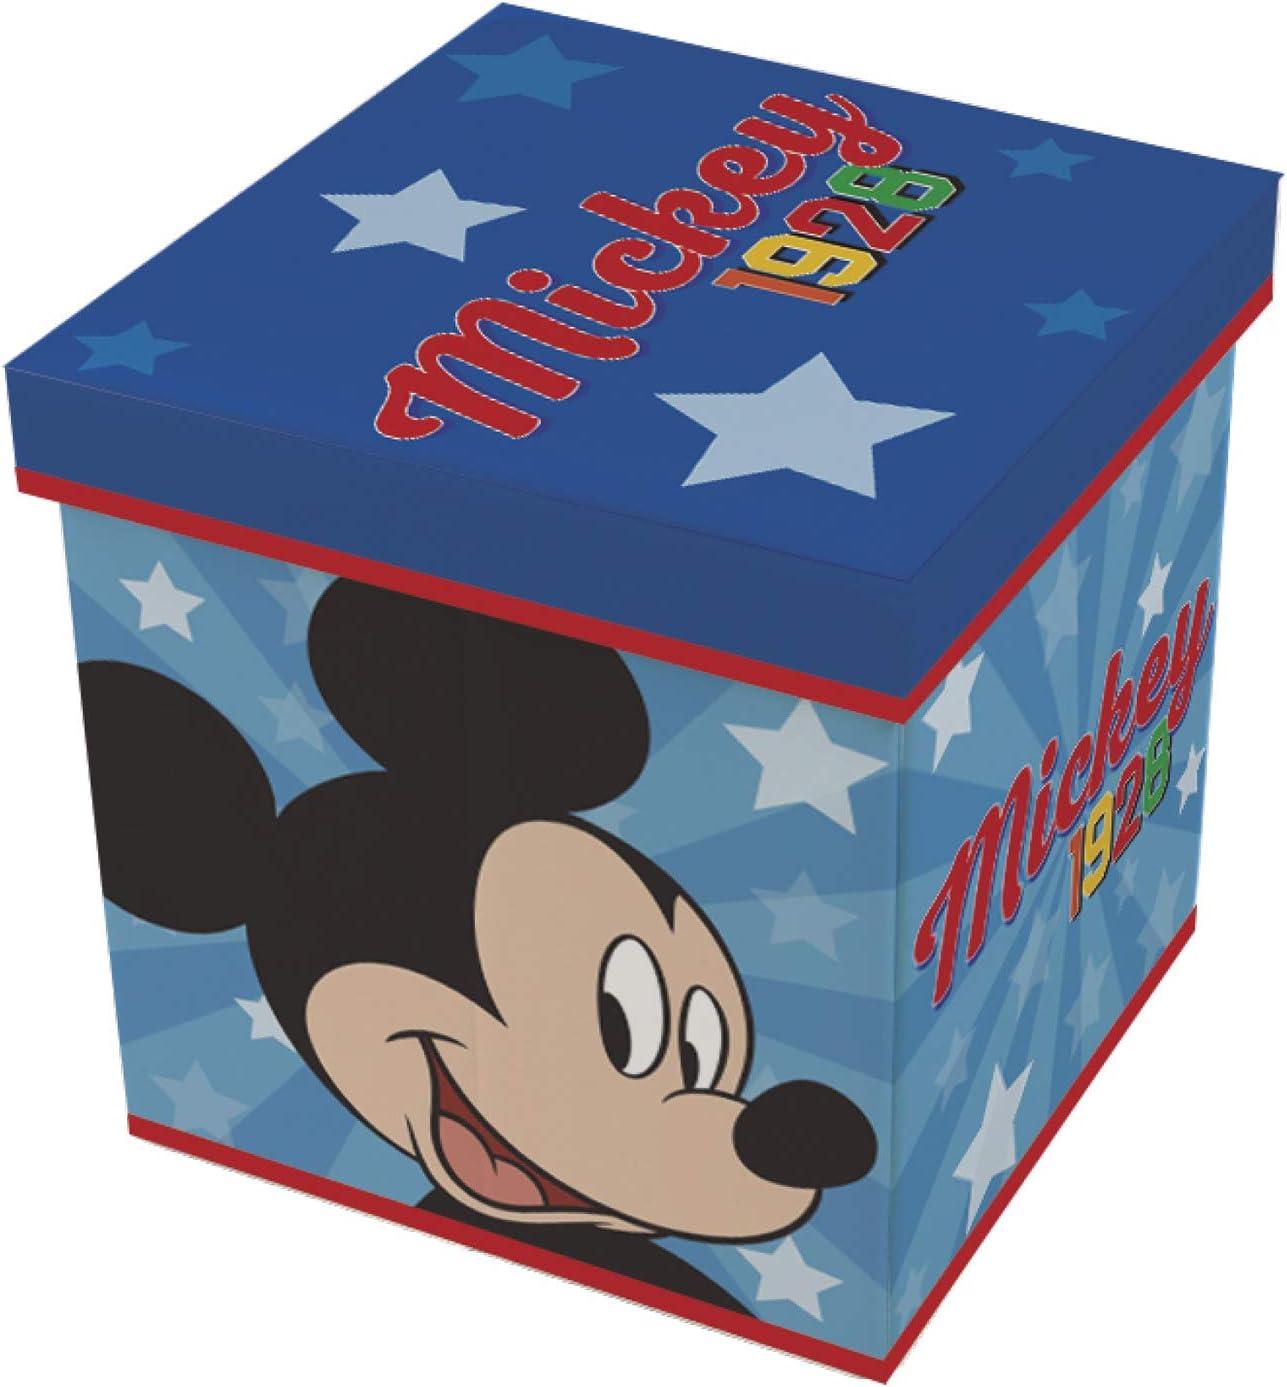 ARDITEX WD13015 Fabric Folding Storage Seat 30 x 30 x 30 cm by Disney-Mickey